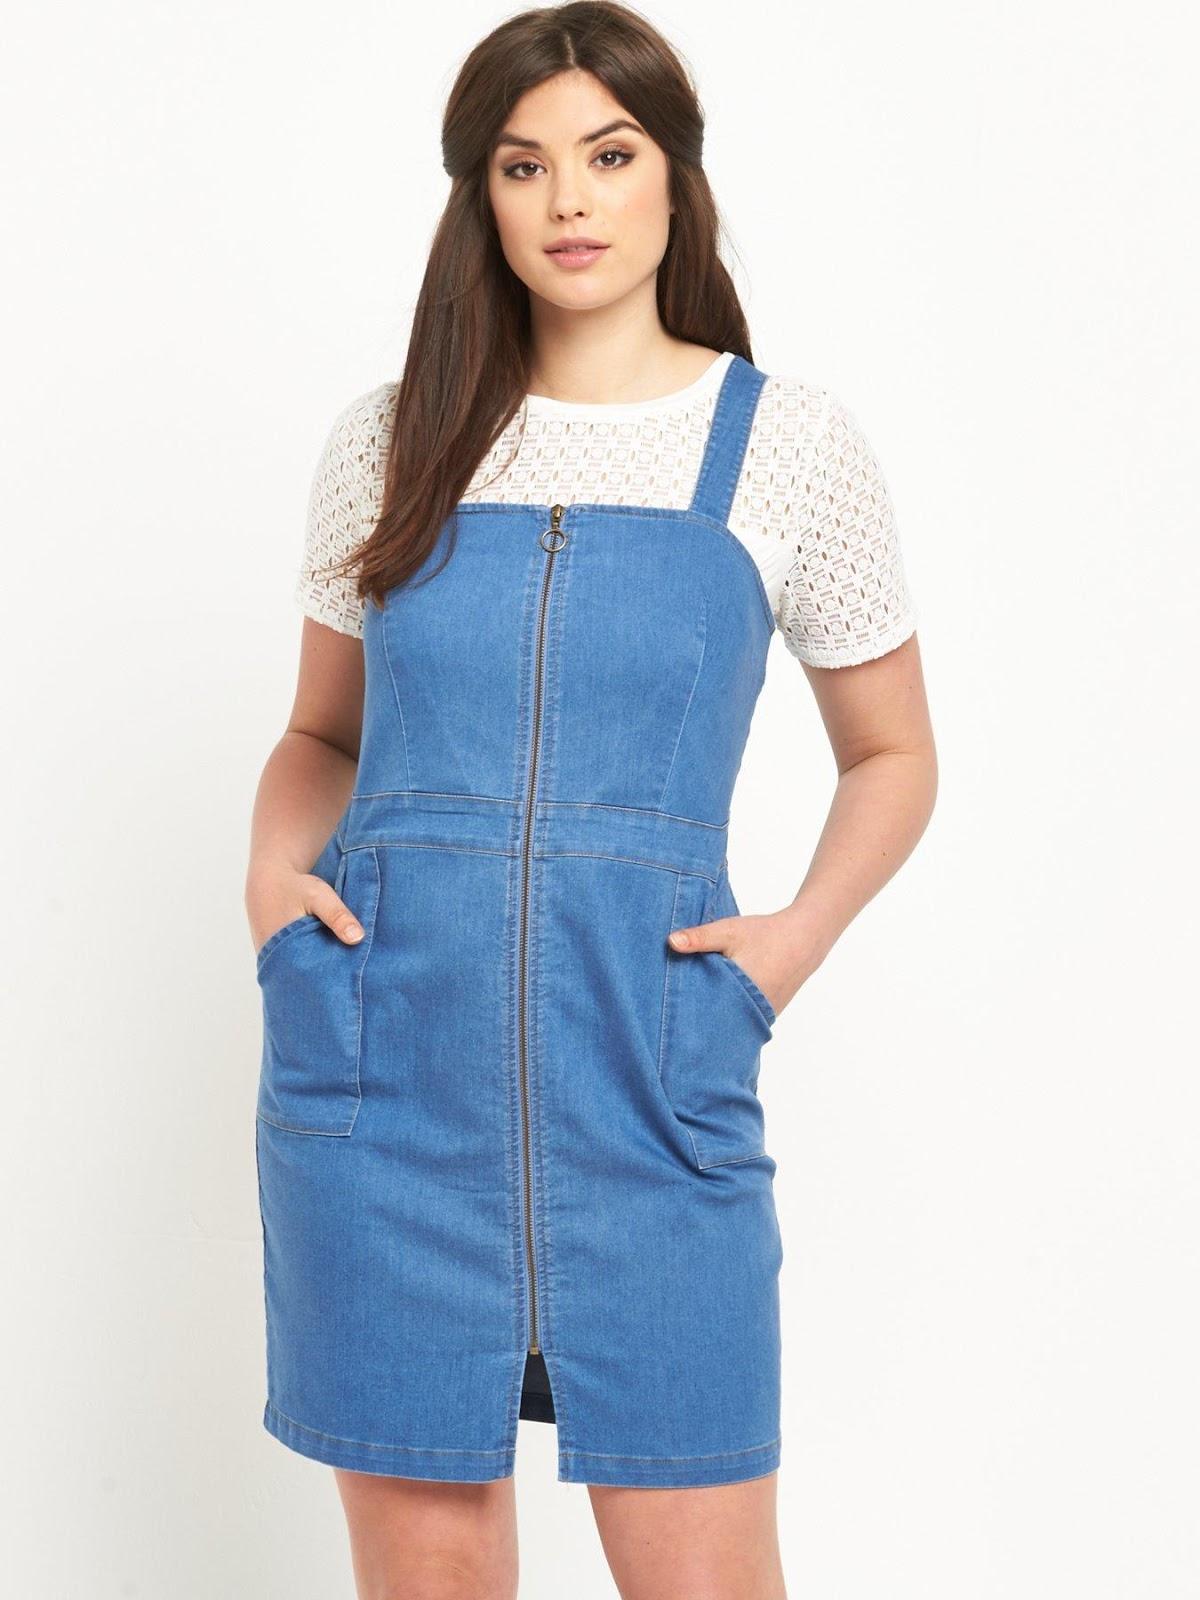 Vestidos casuales para mujeres rellenitas